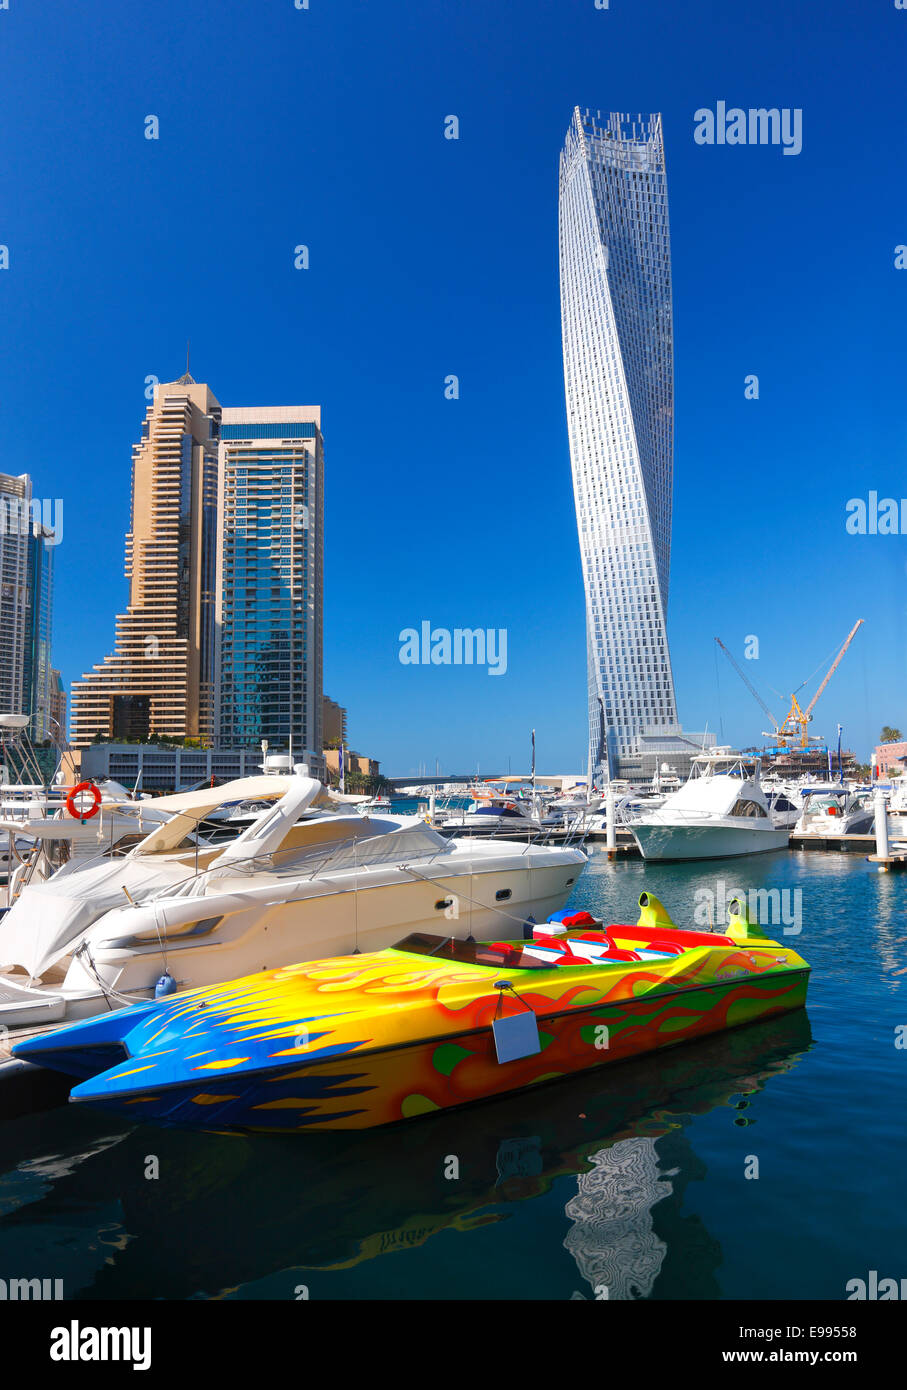 Dubai Marina with Cayan tower - Stock Image